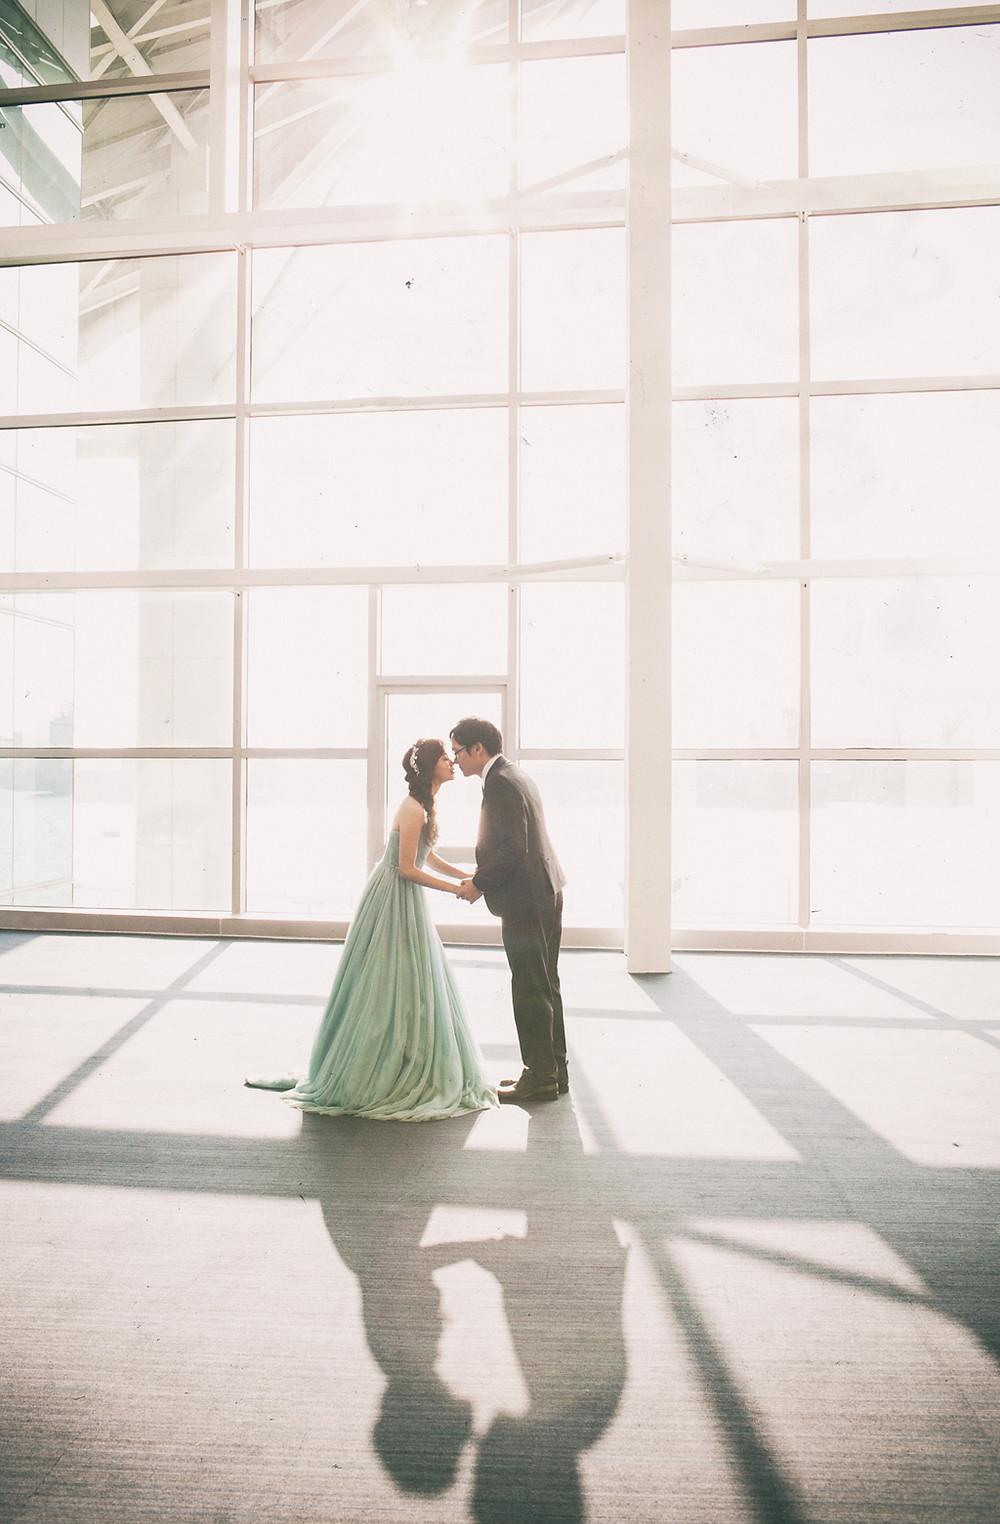 婚禮攝影-1129.jpg